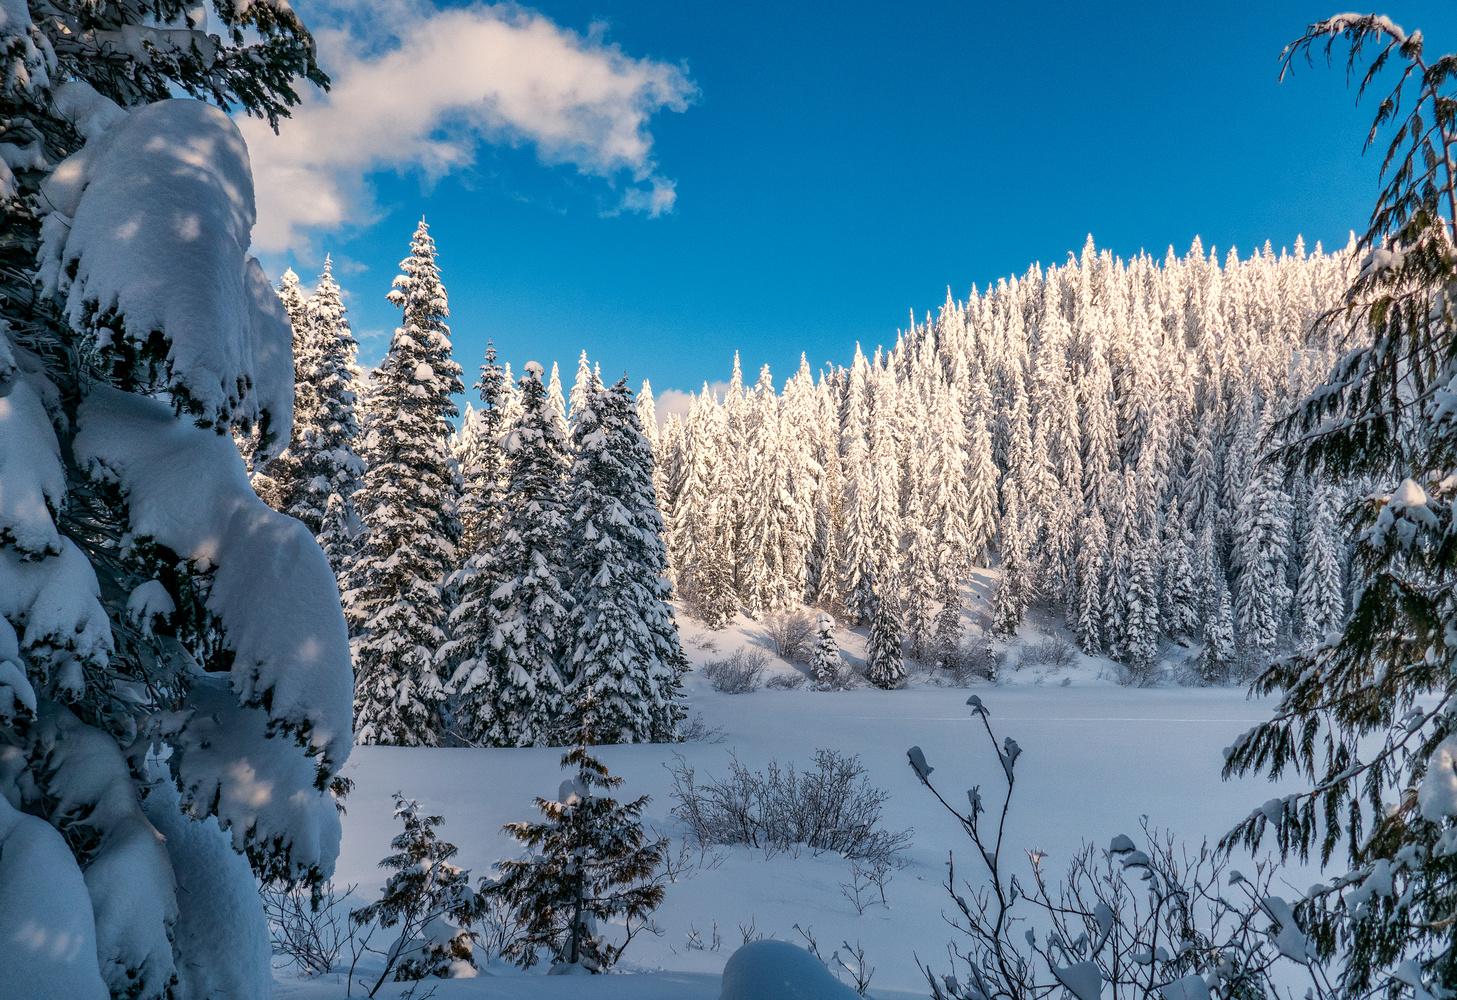 winter happens here by Wasim Muklashy